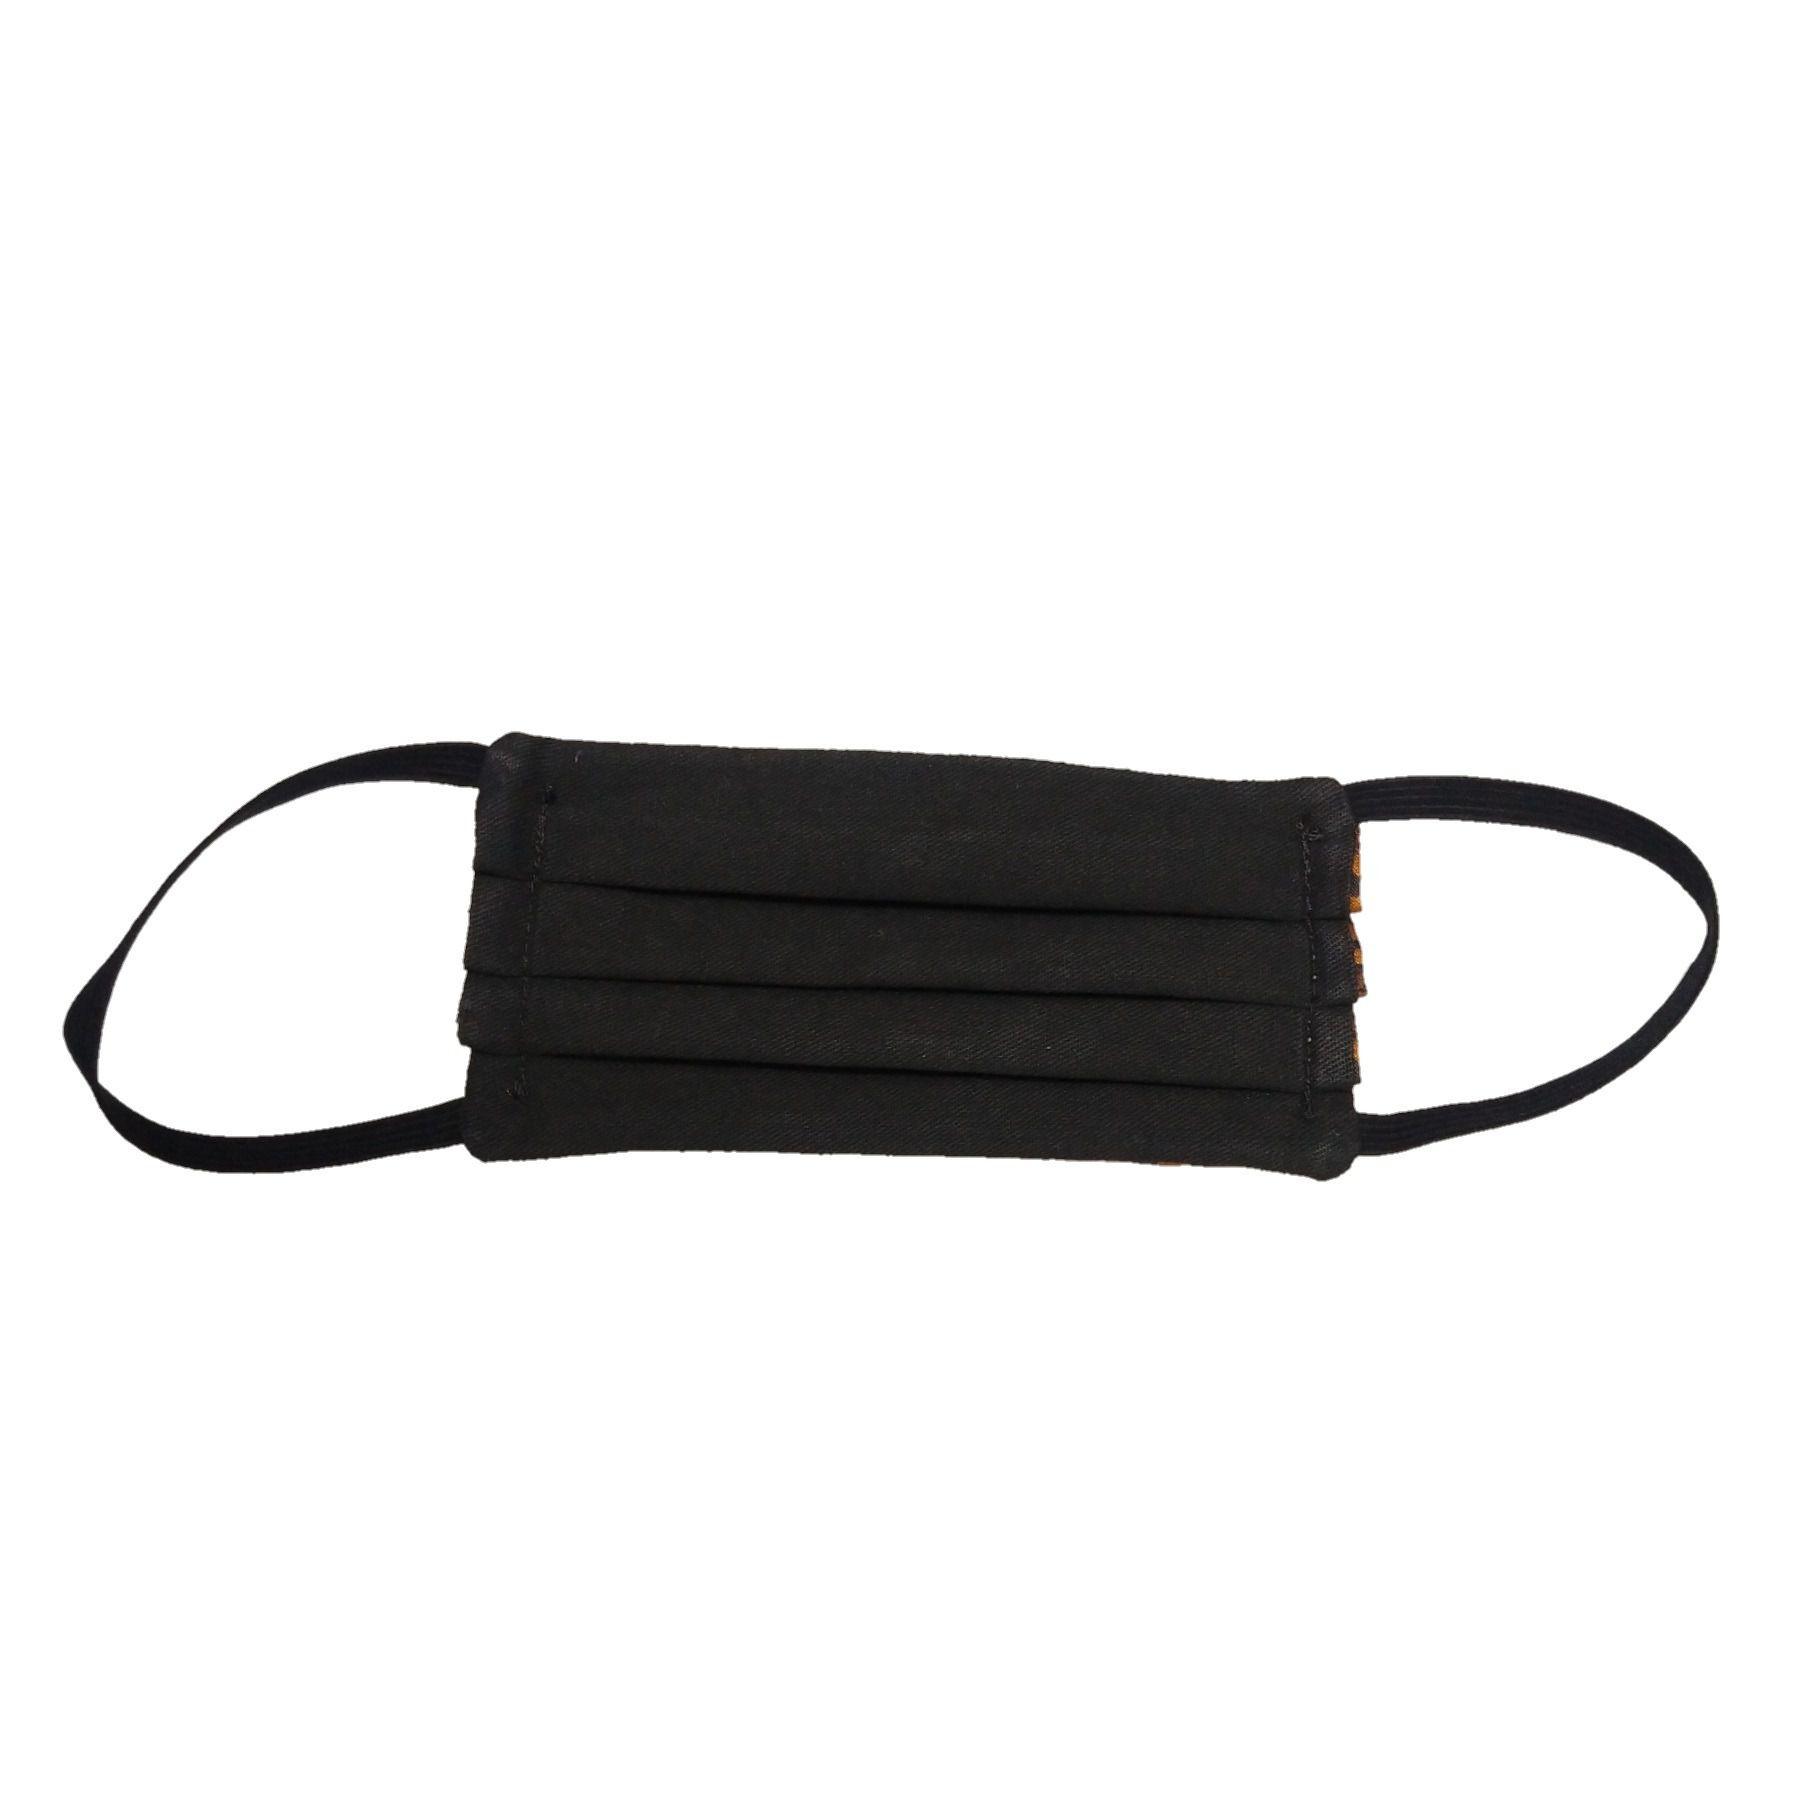 Kit com 10 Máscaras De Proteção Tecido Lavável Reversível Onça e Preto  - SAPATOWEB.COM